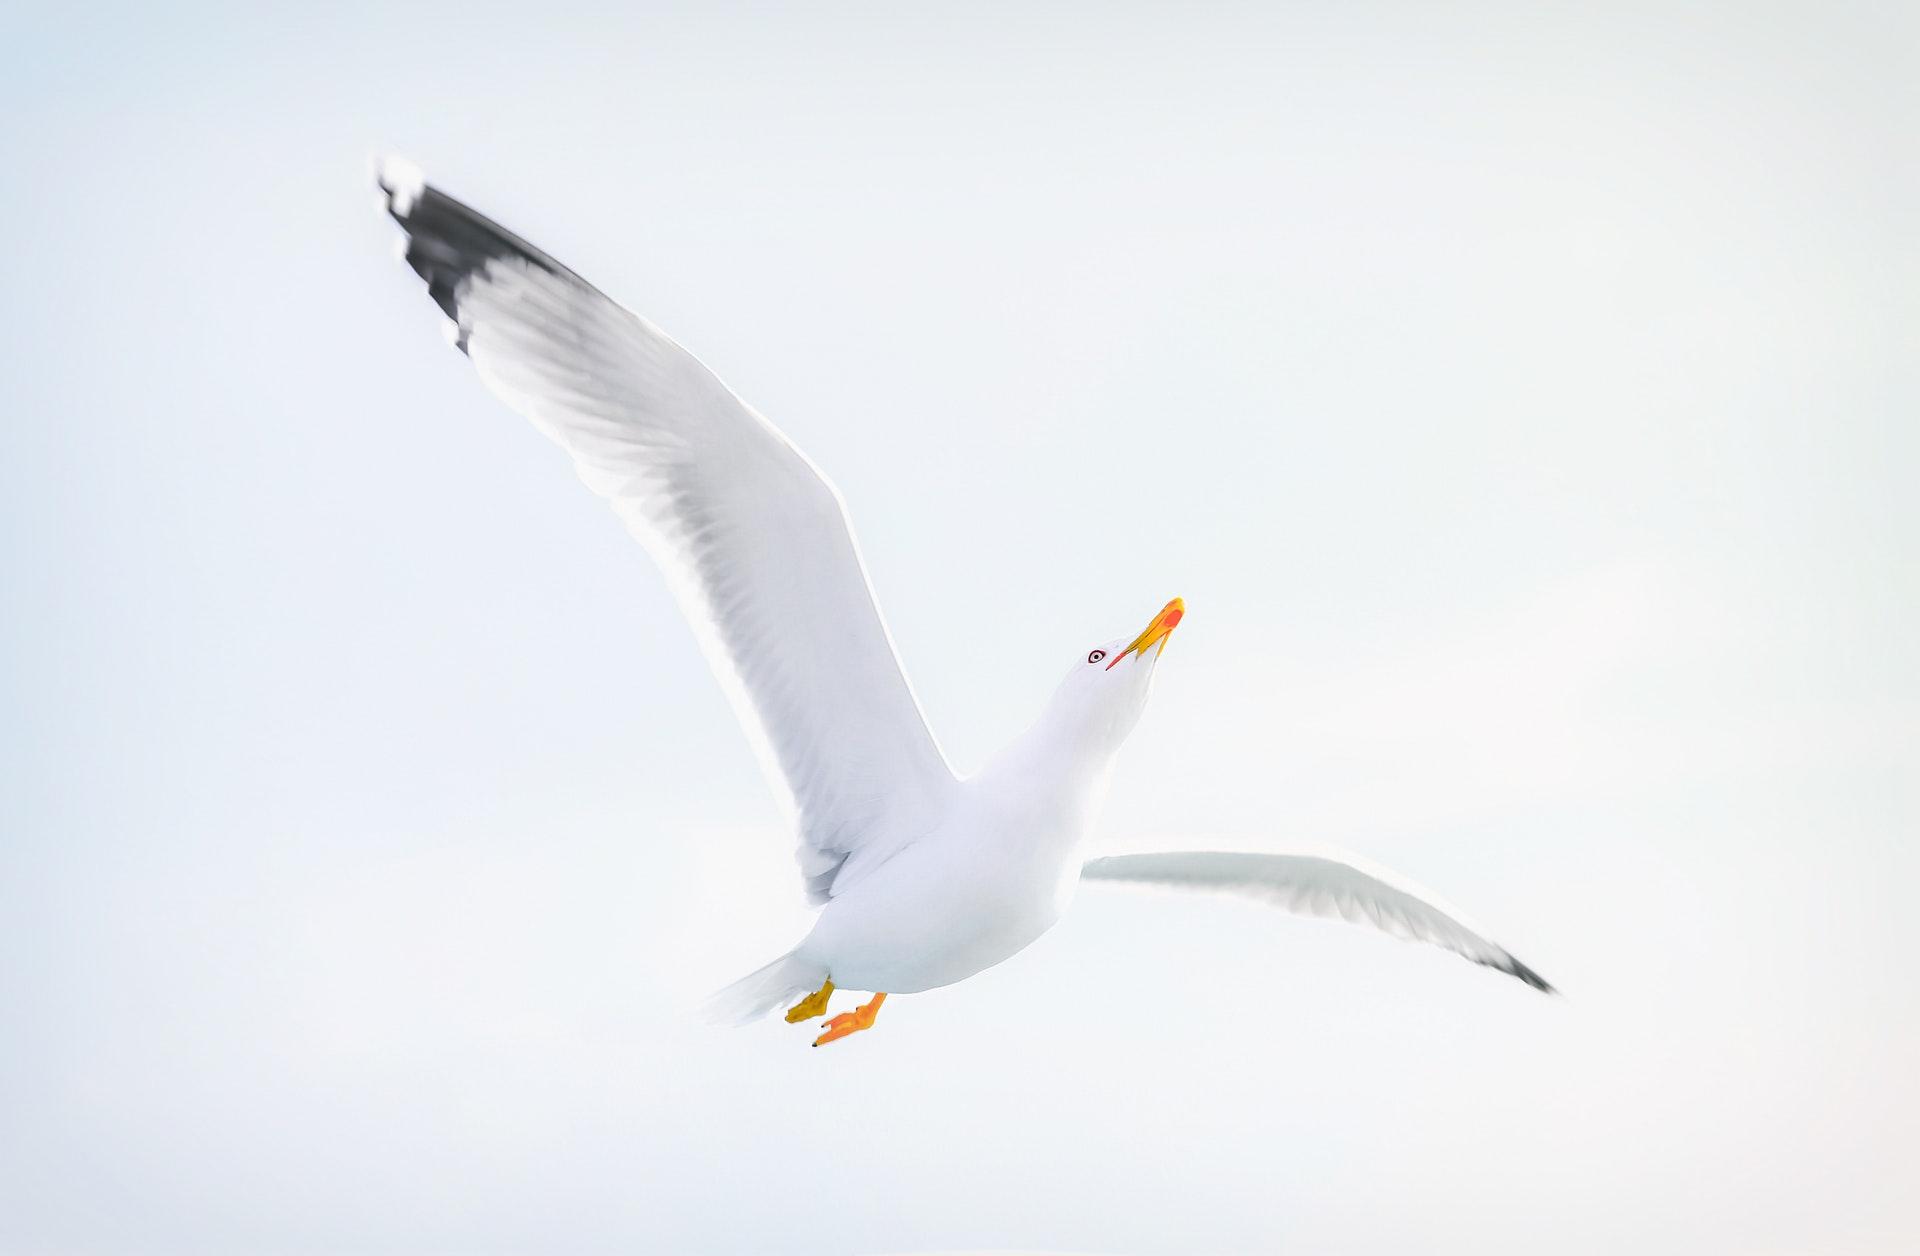 Sonhar com gaivota significa ter amais atenção com as pessoas ao seu redor.